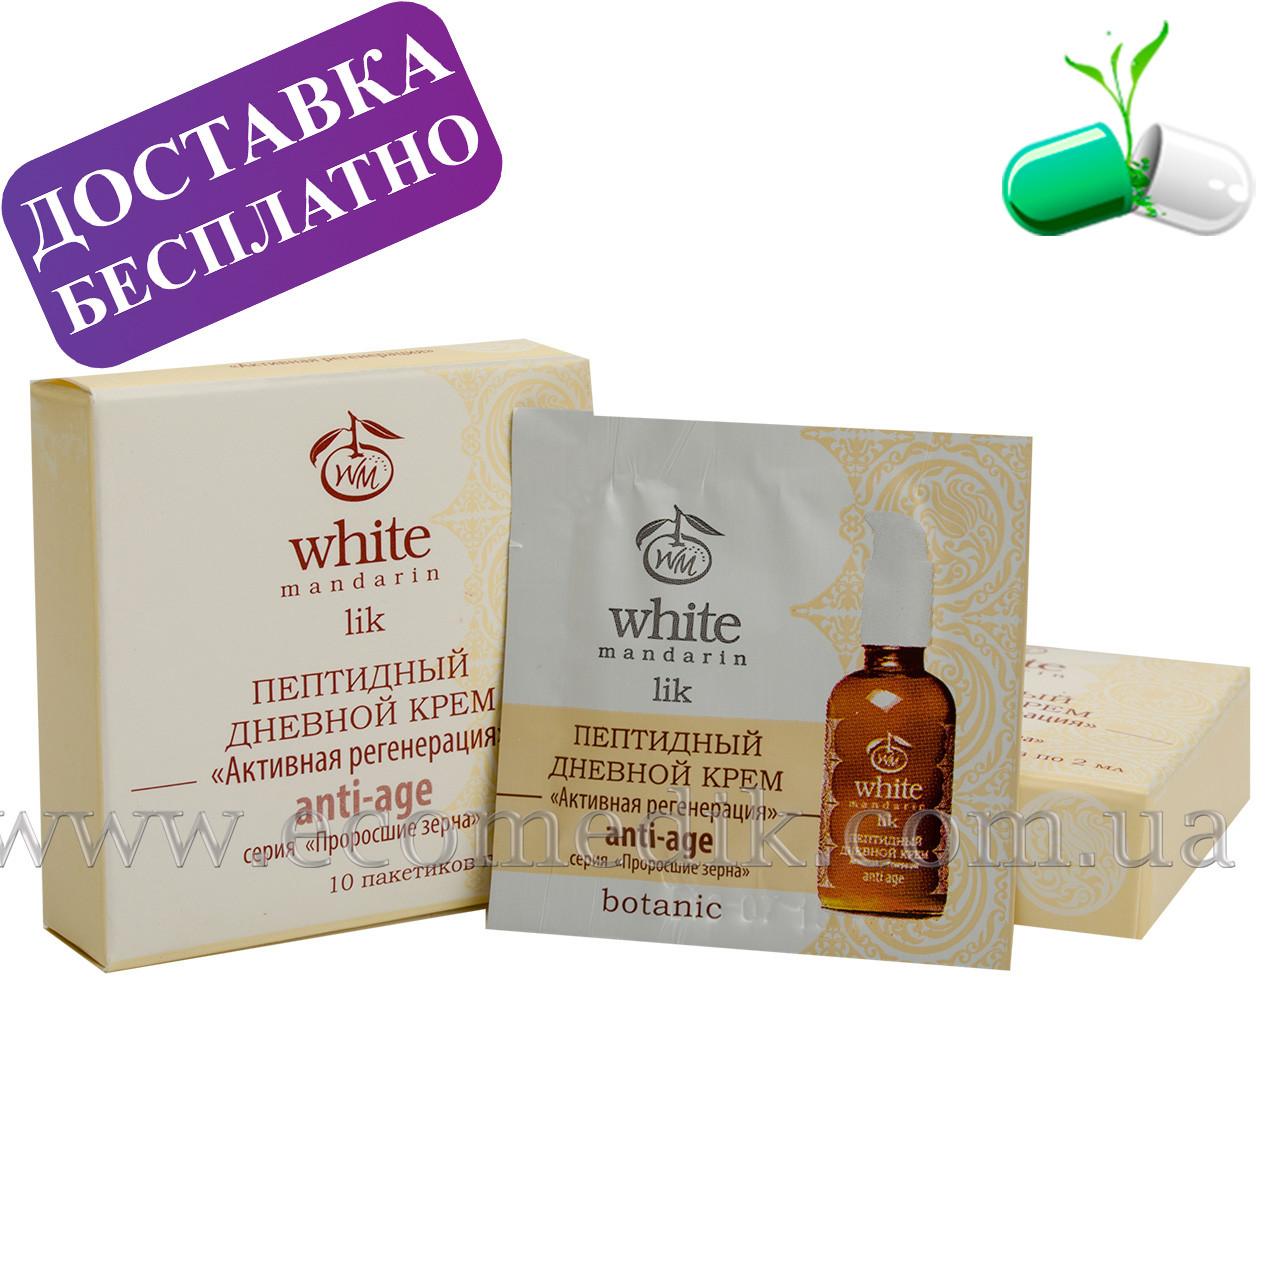 Пробник пептидного дневного крема  «Активная регенерация» серии «Проросшие зерна» anti-age White Mandarin 2 мл